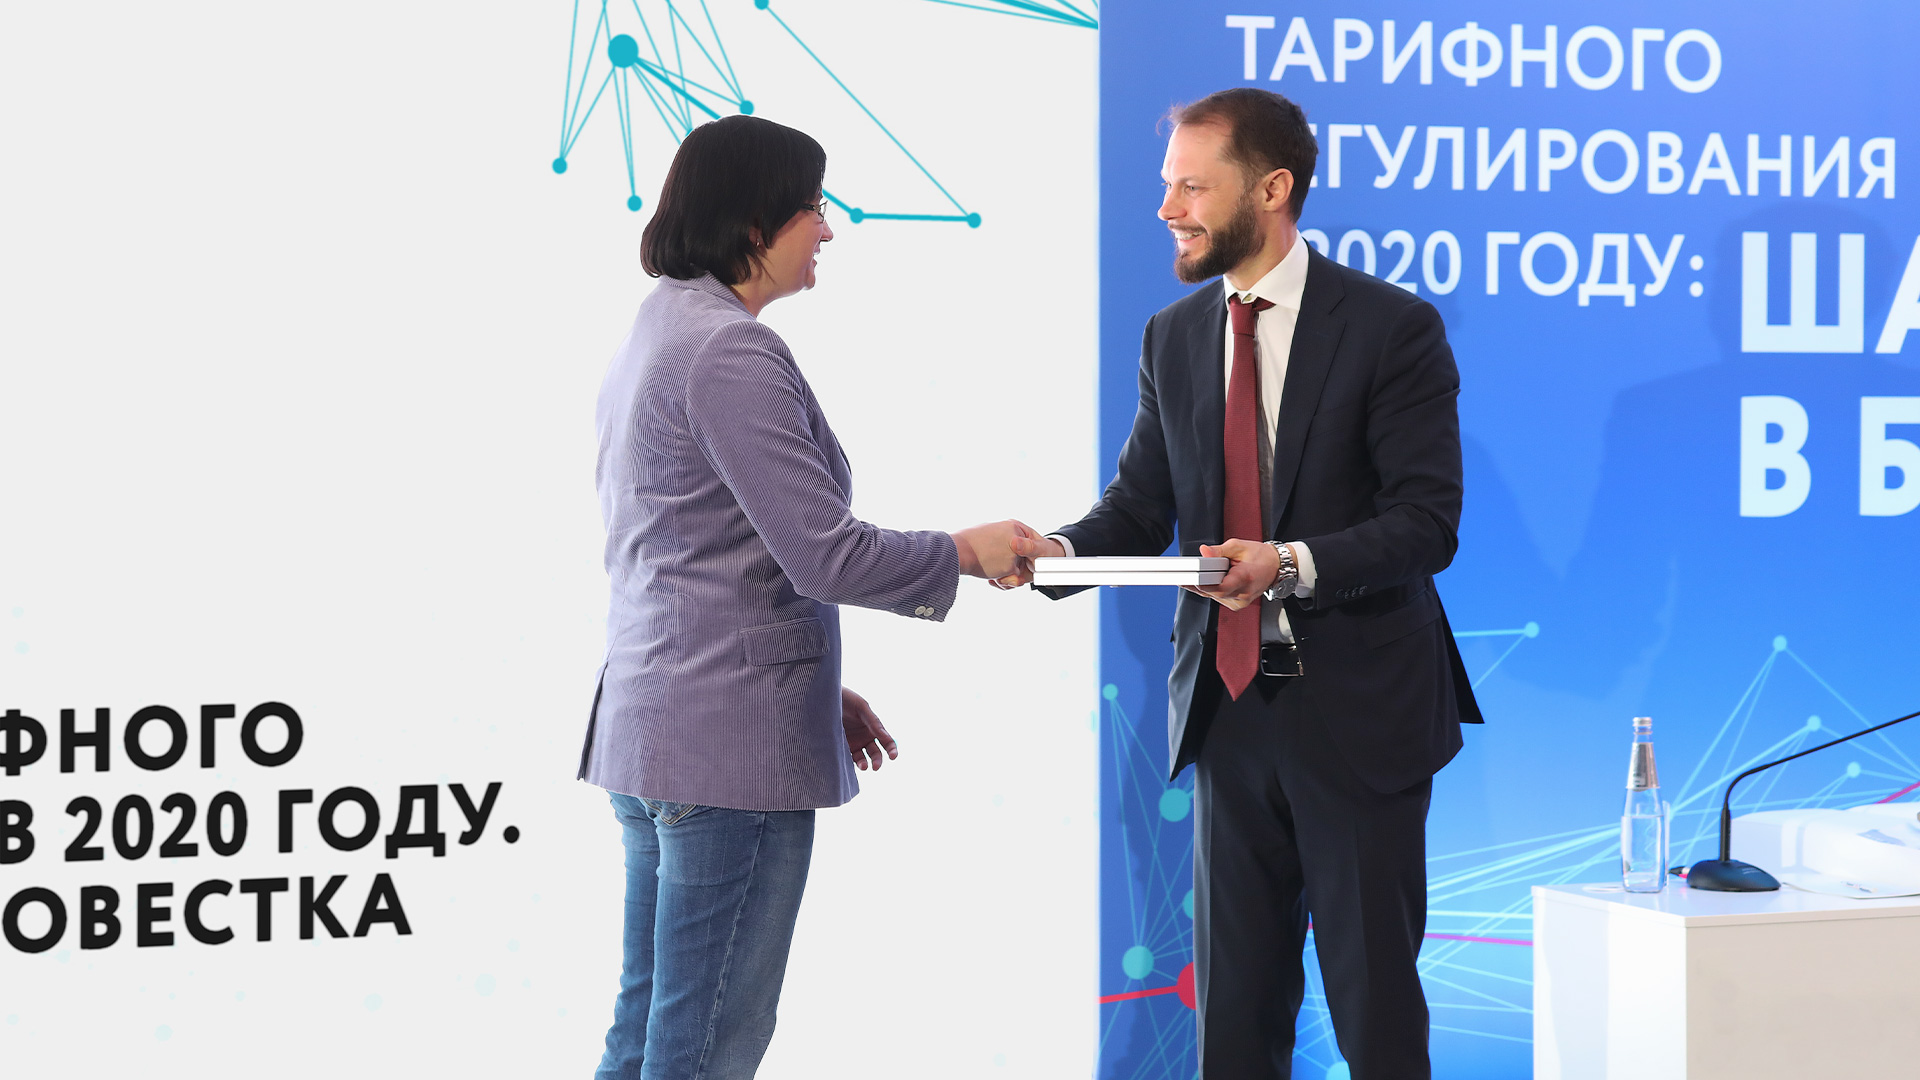 Награждение дипломами на конференции ФАС